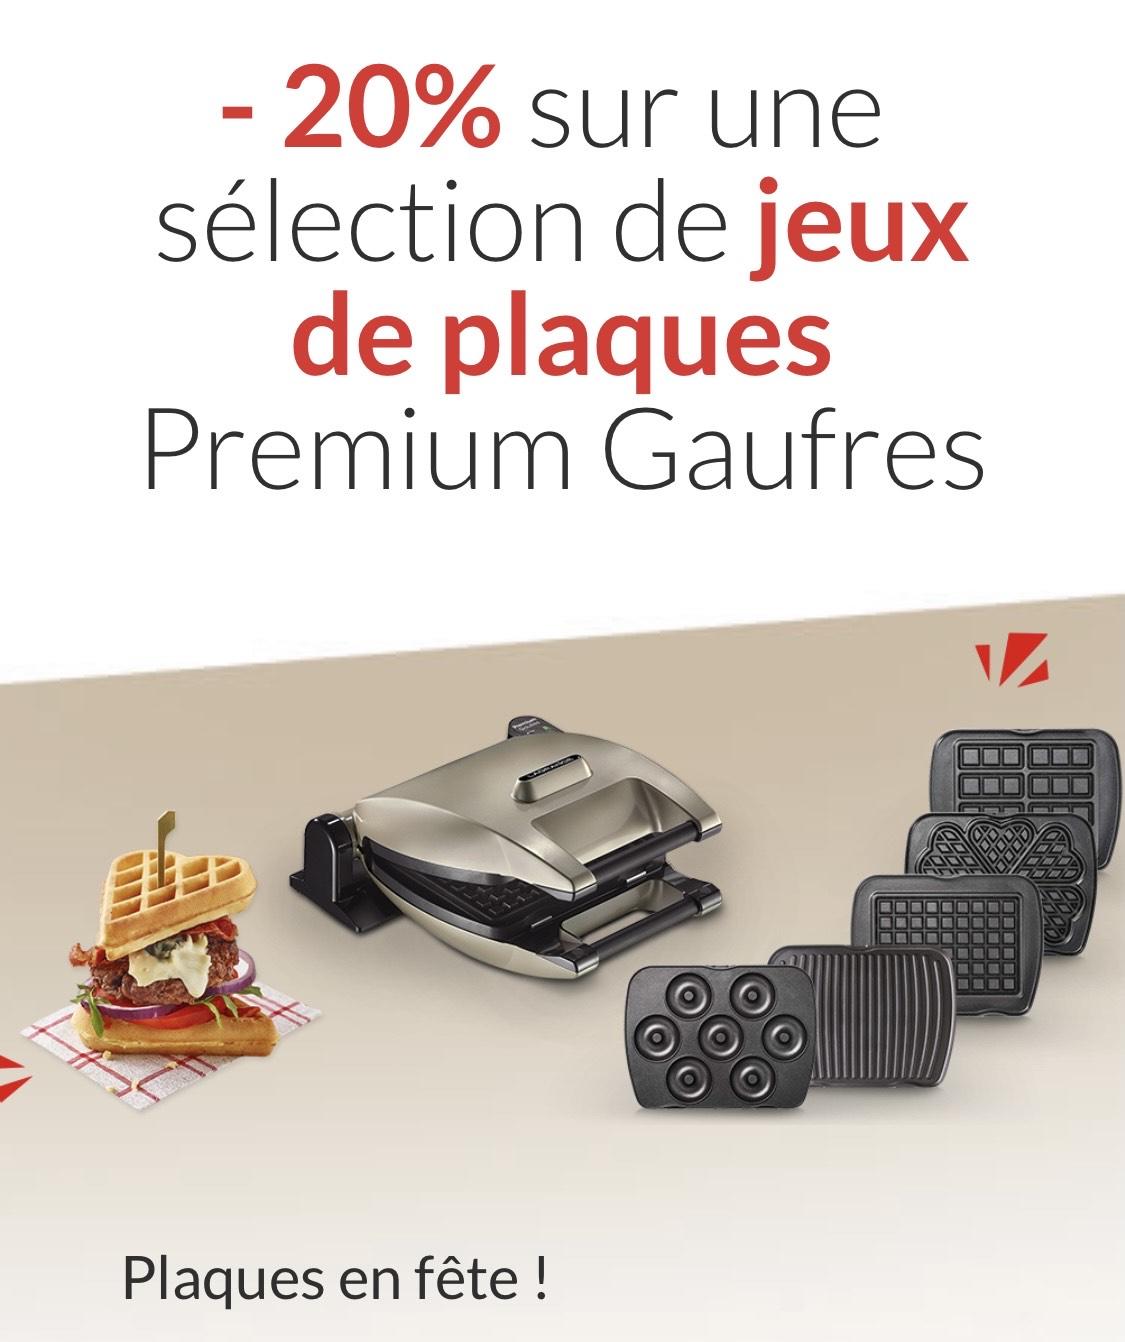 20% de réduction sur une sélection de jeux de plaques pour gaufrier - lagrange.fr